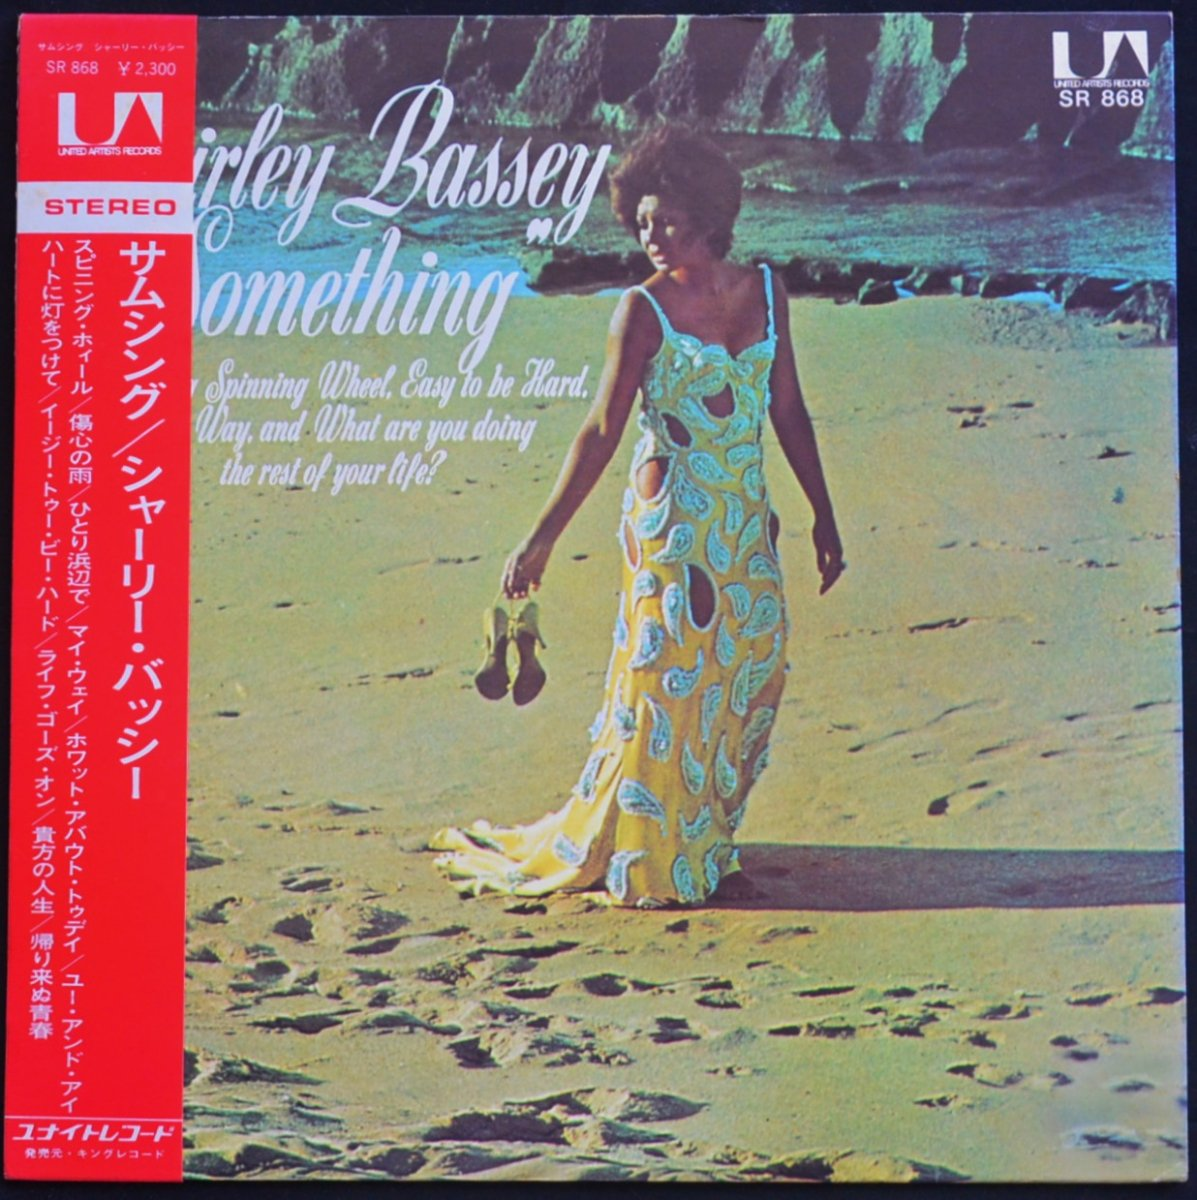 シャーリー・バッシー SHIRLEY BASSEY / サムシング SOMETHING